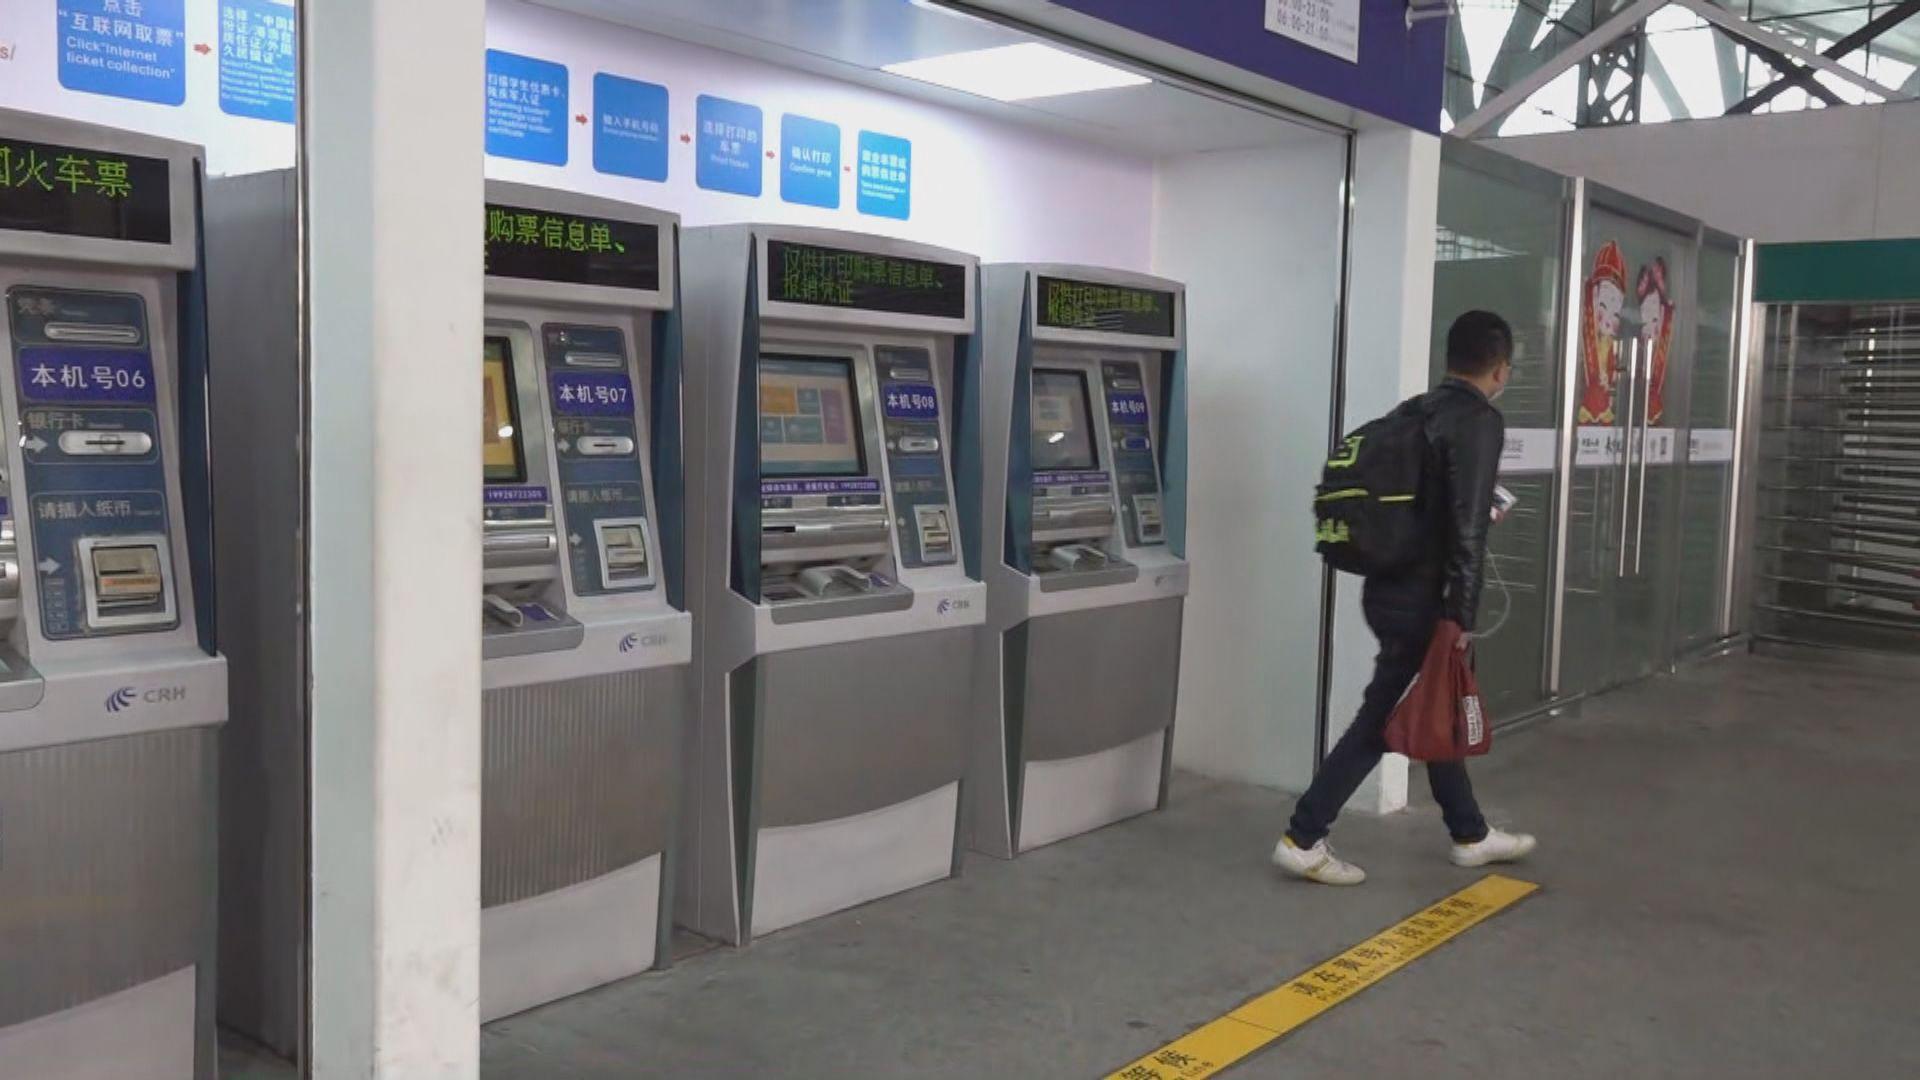 深圳高鐵站停止出售往香港高鐵車票